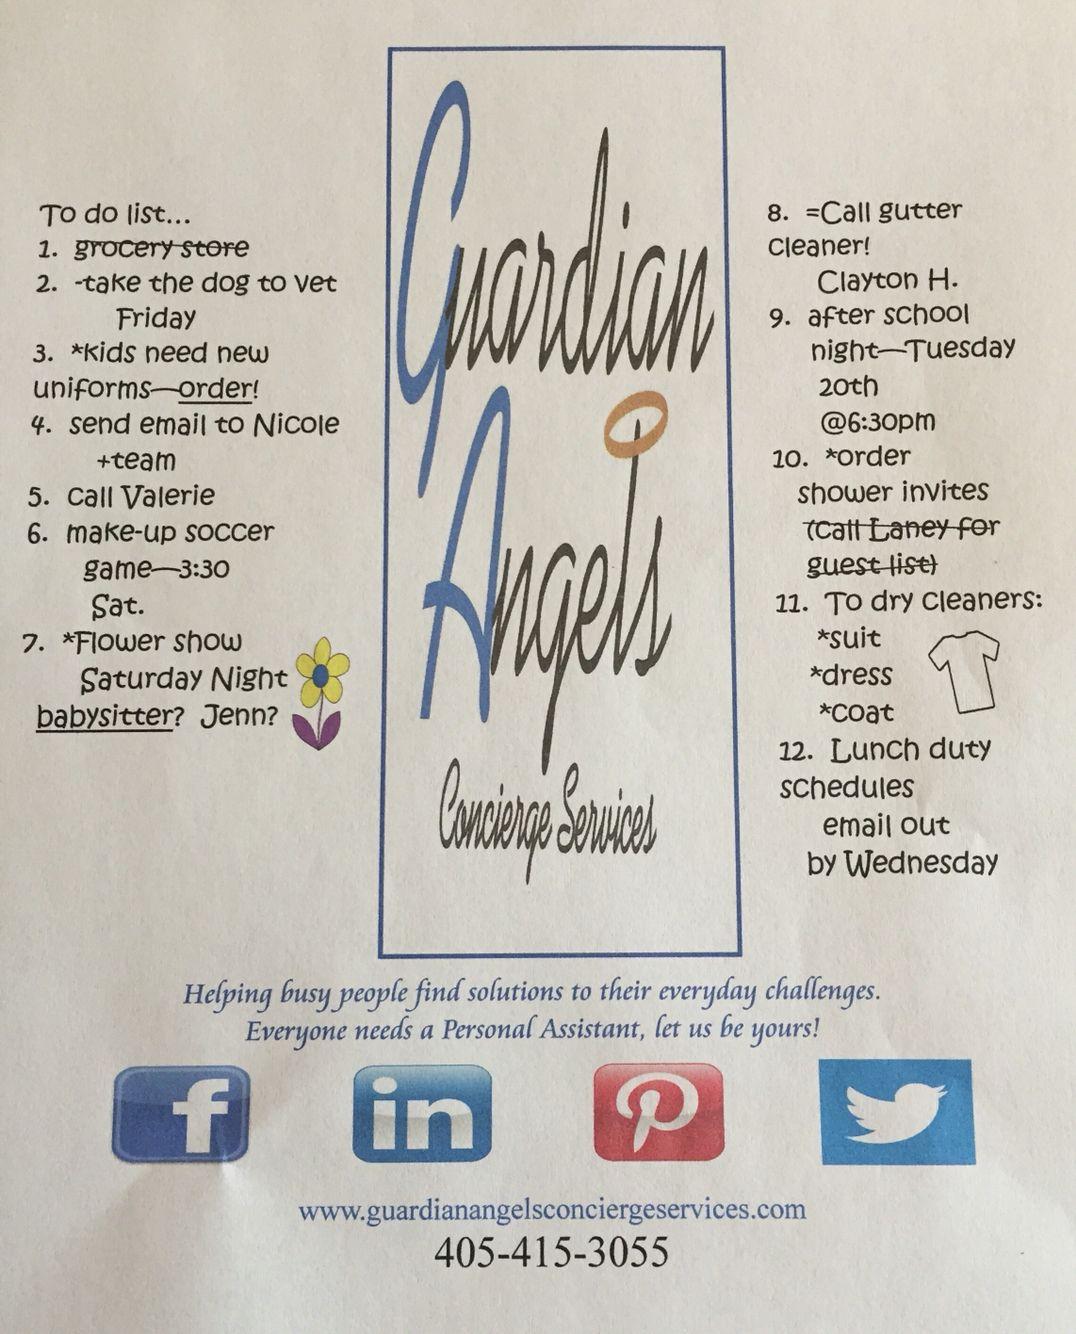 Guardian Angels Concierge Services, LLC www